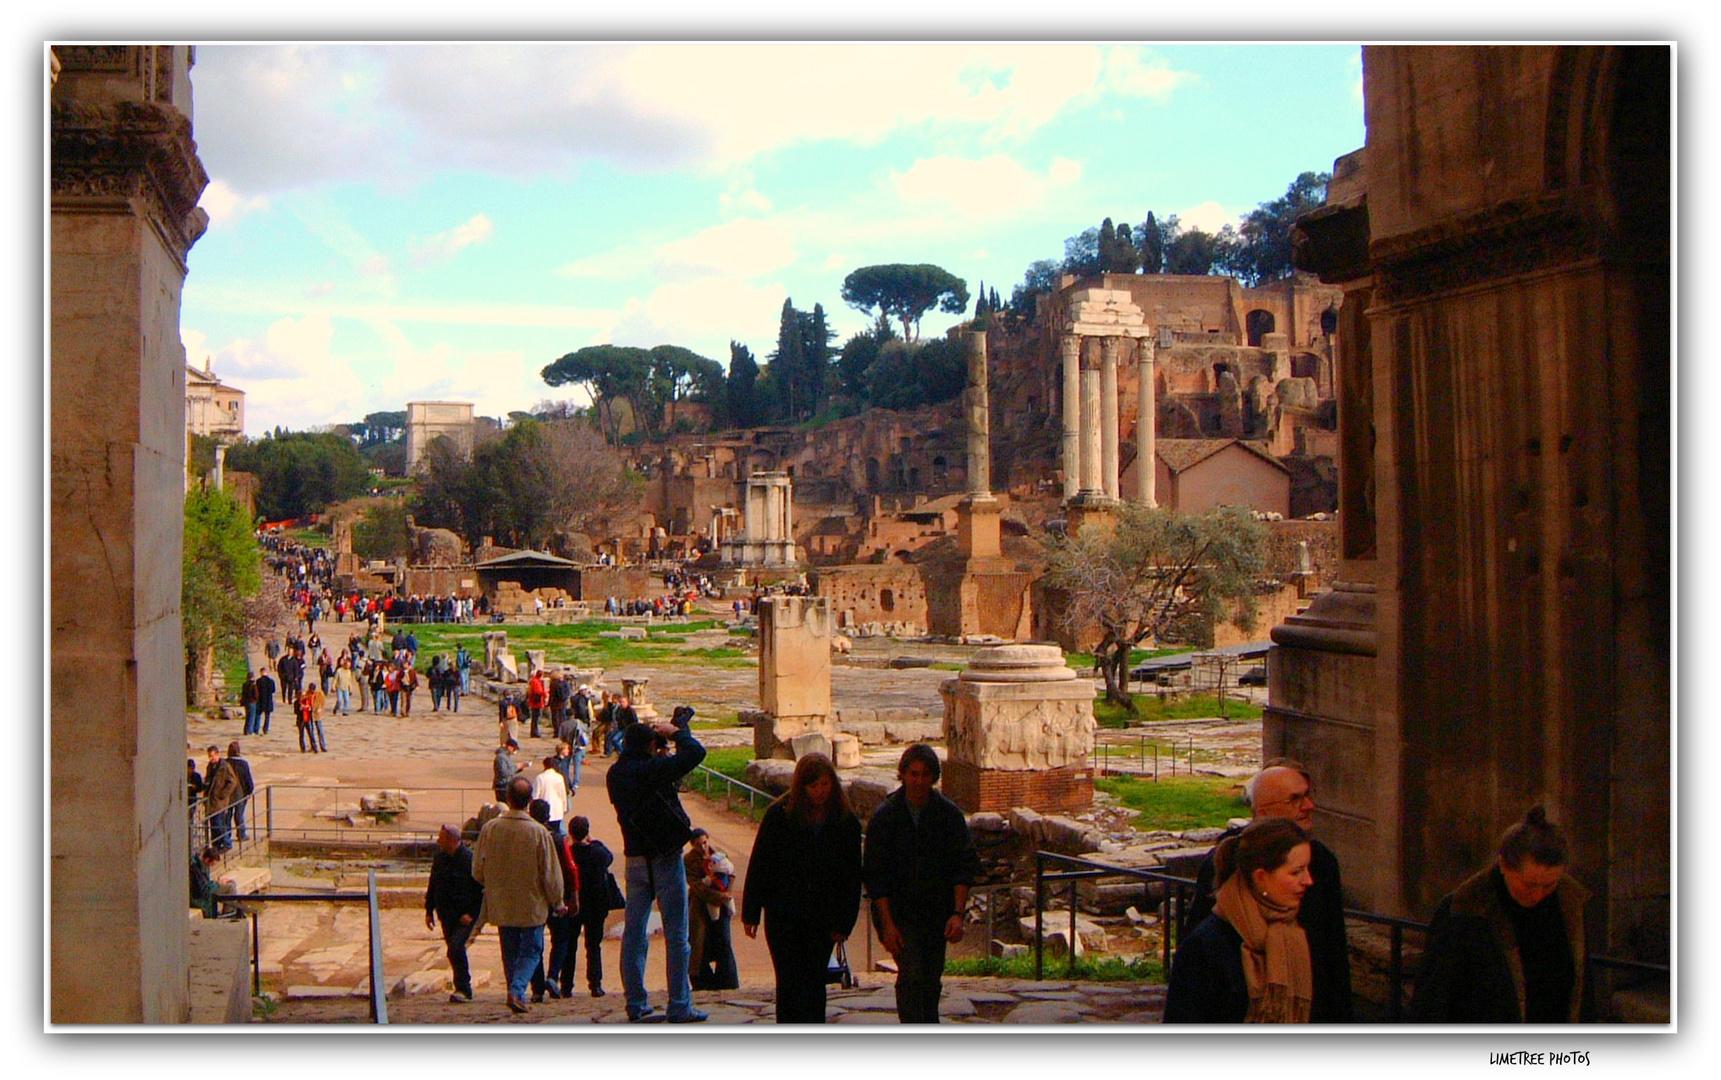 Tourists in Forum Romanum